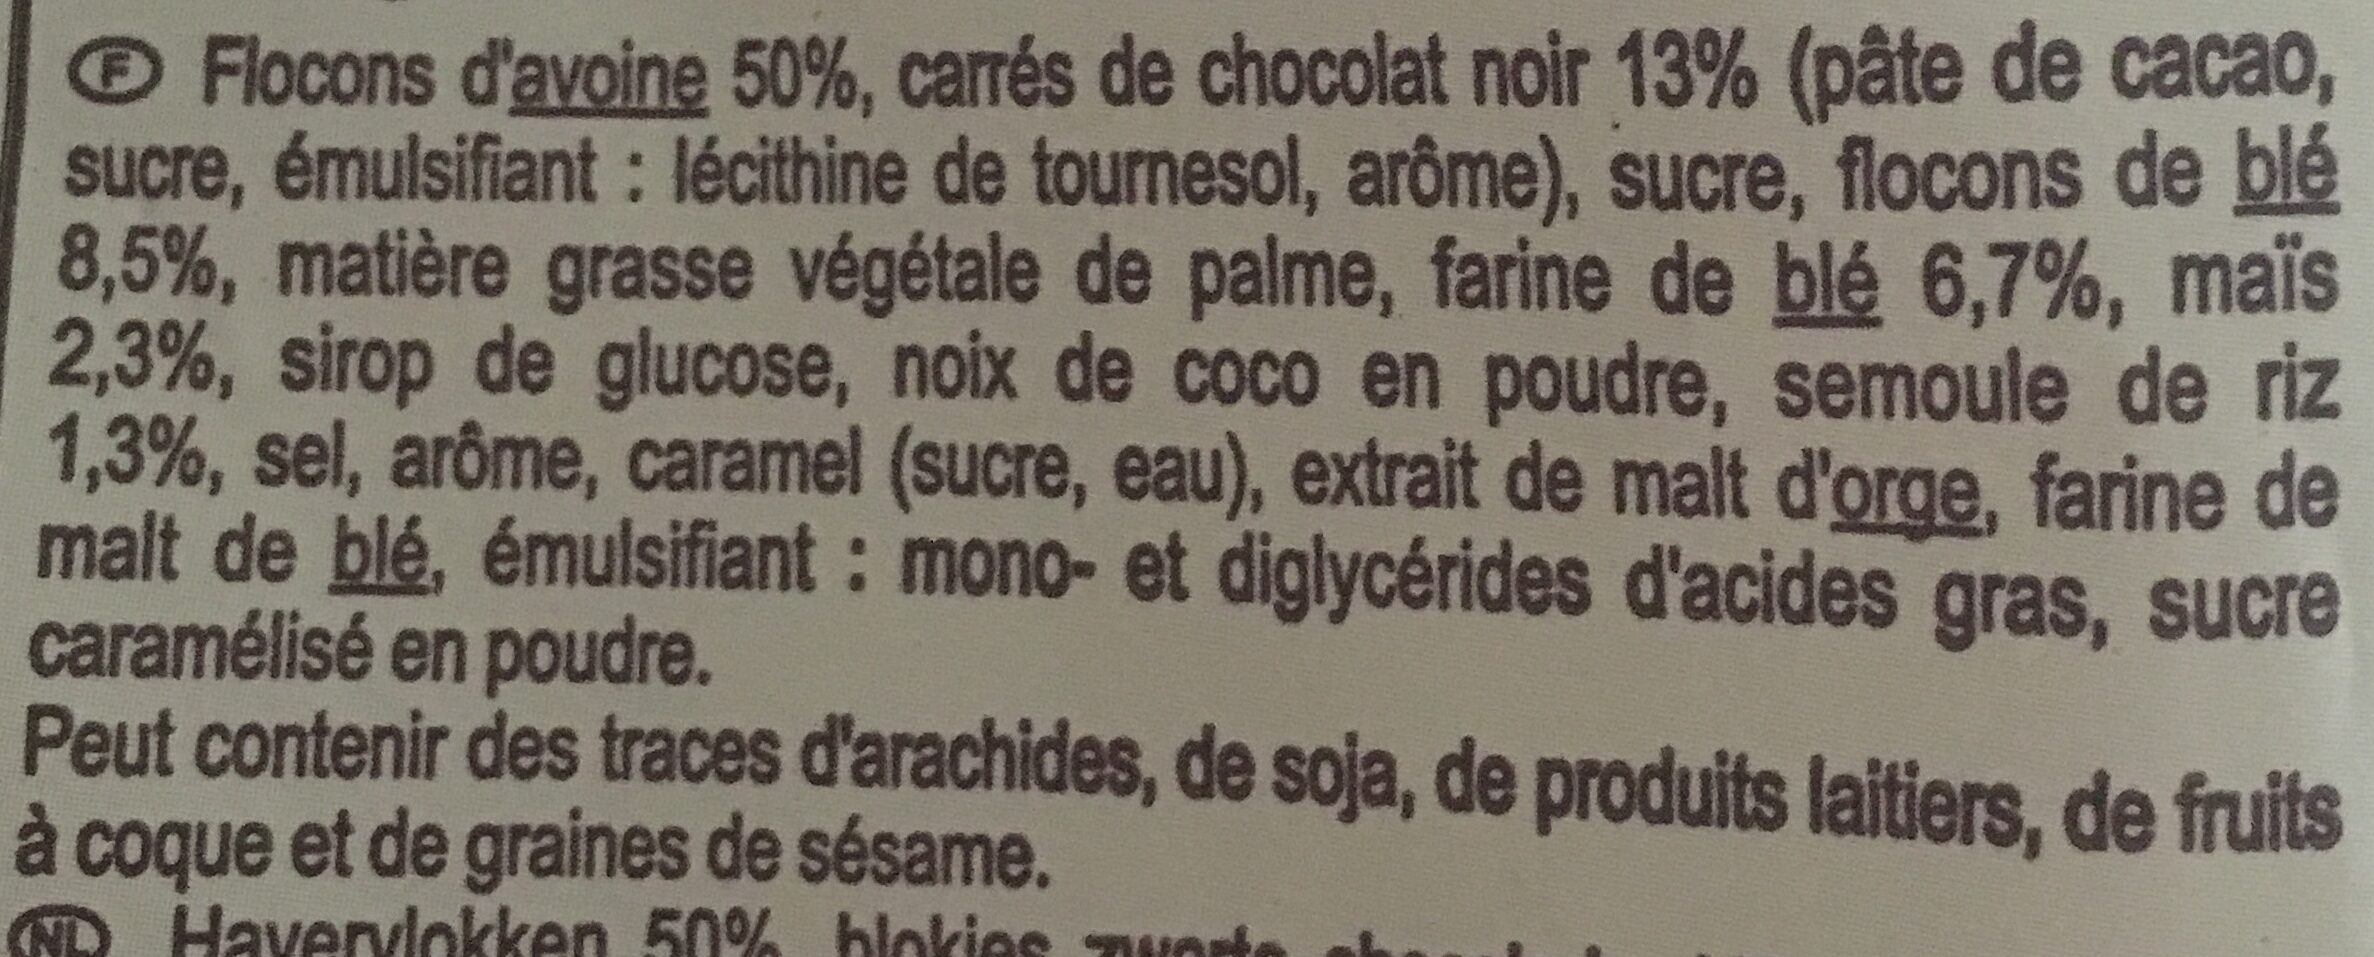 Crunchy Chocolat noir intense - Ingrediënten - fr